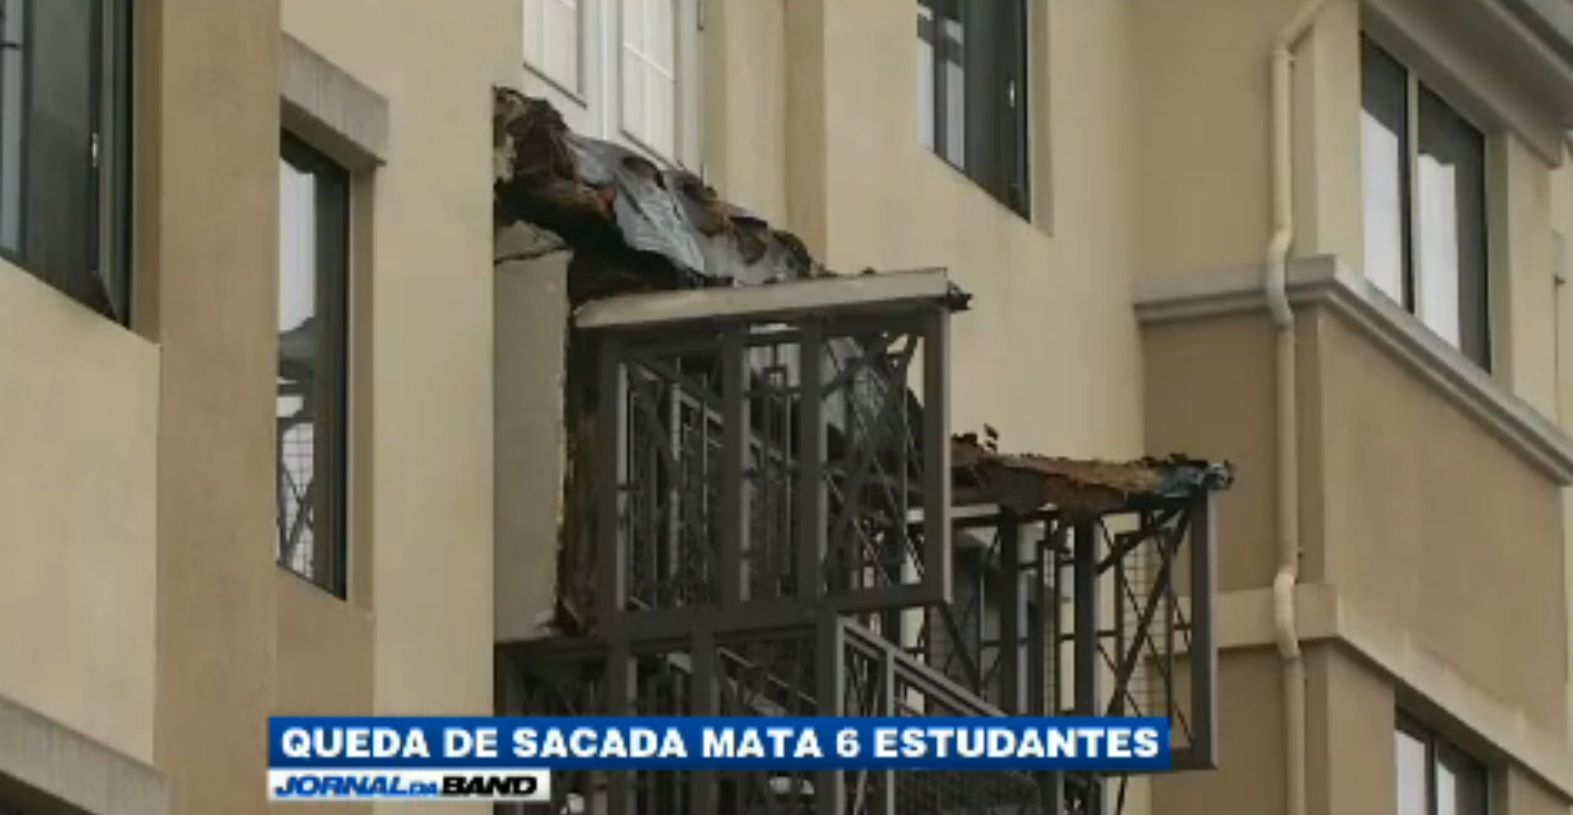 Sacada despenca e mata estudantes / Reprodução/Jornal da Band